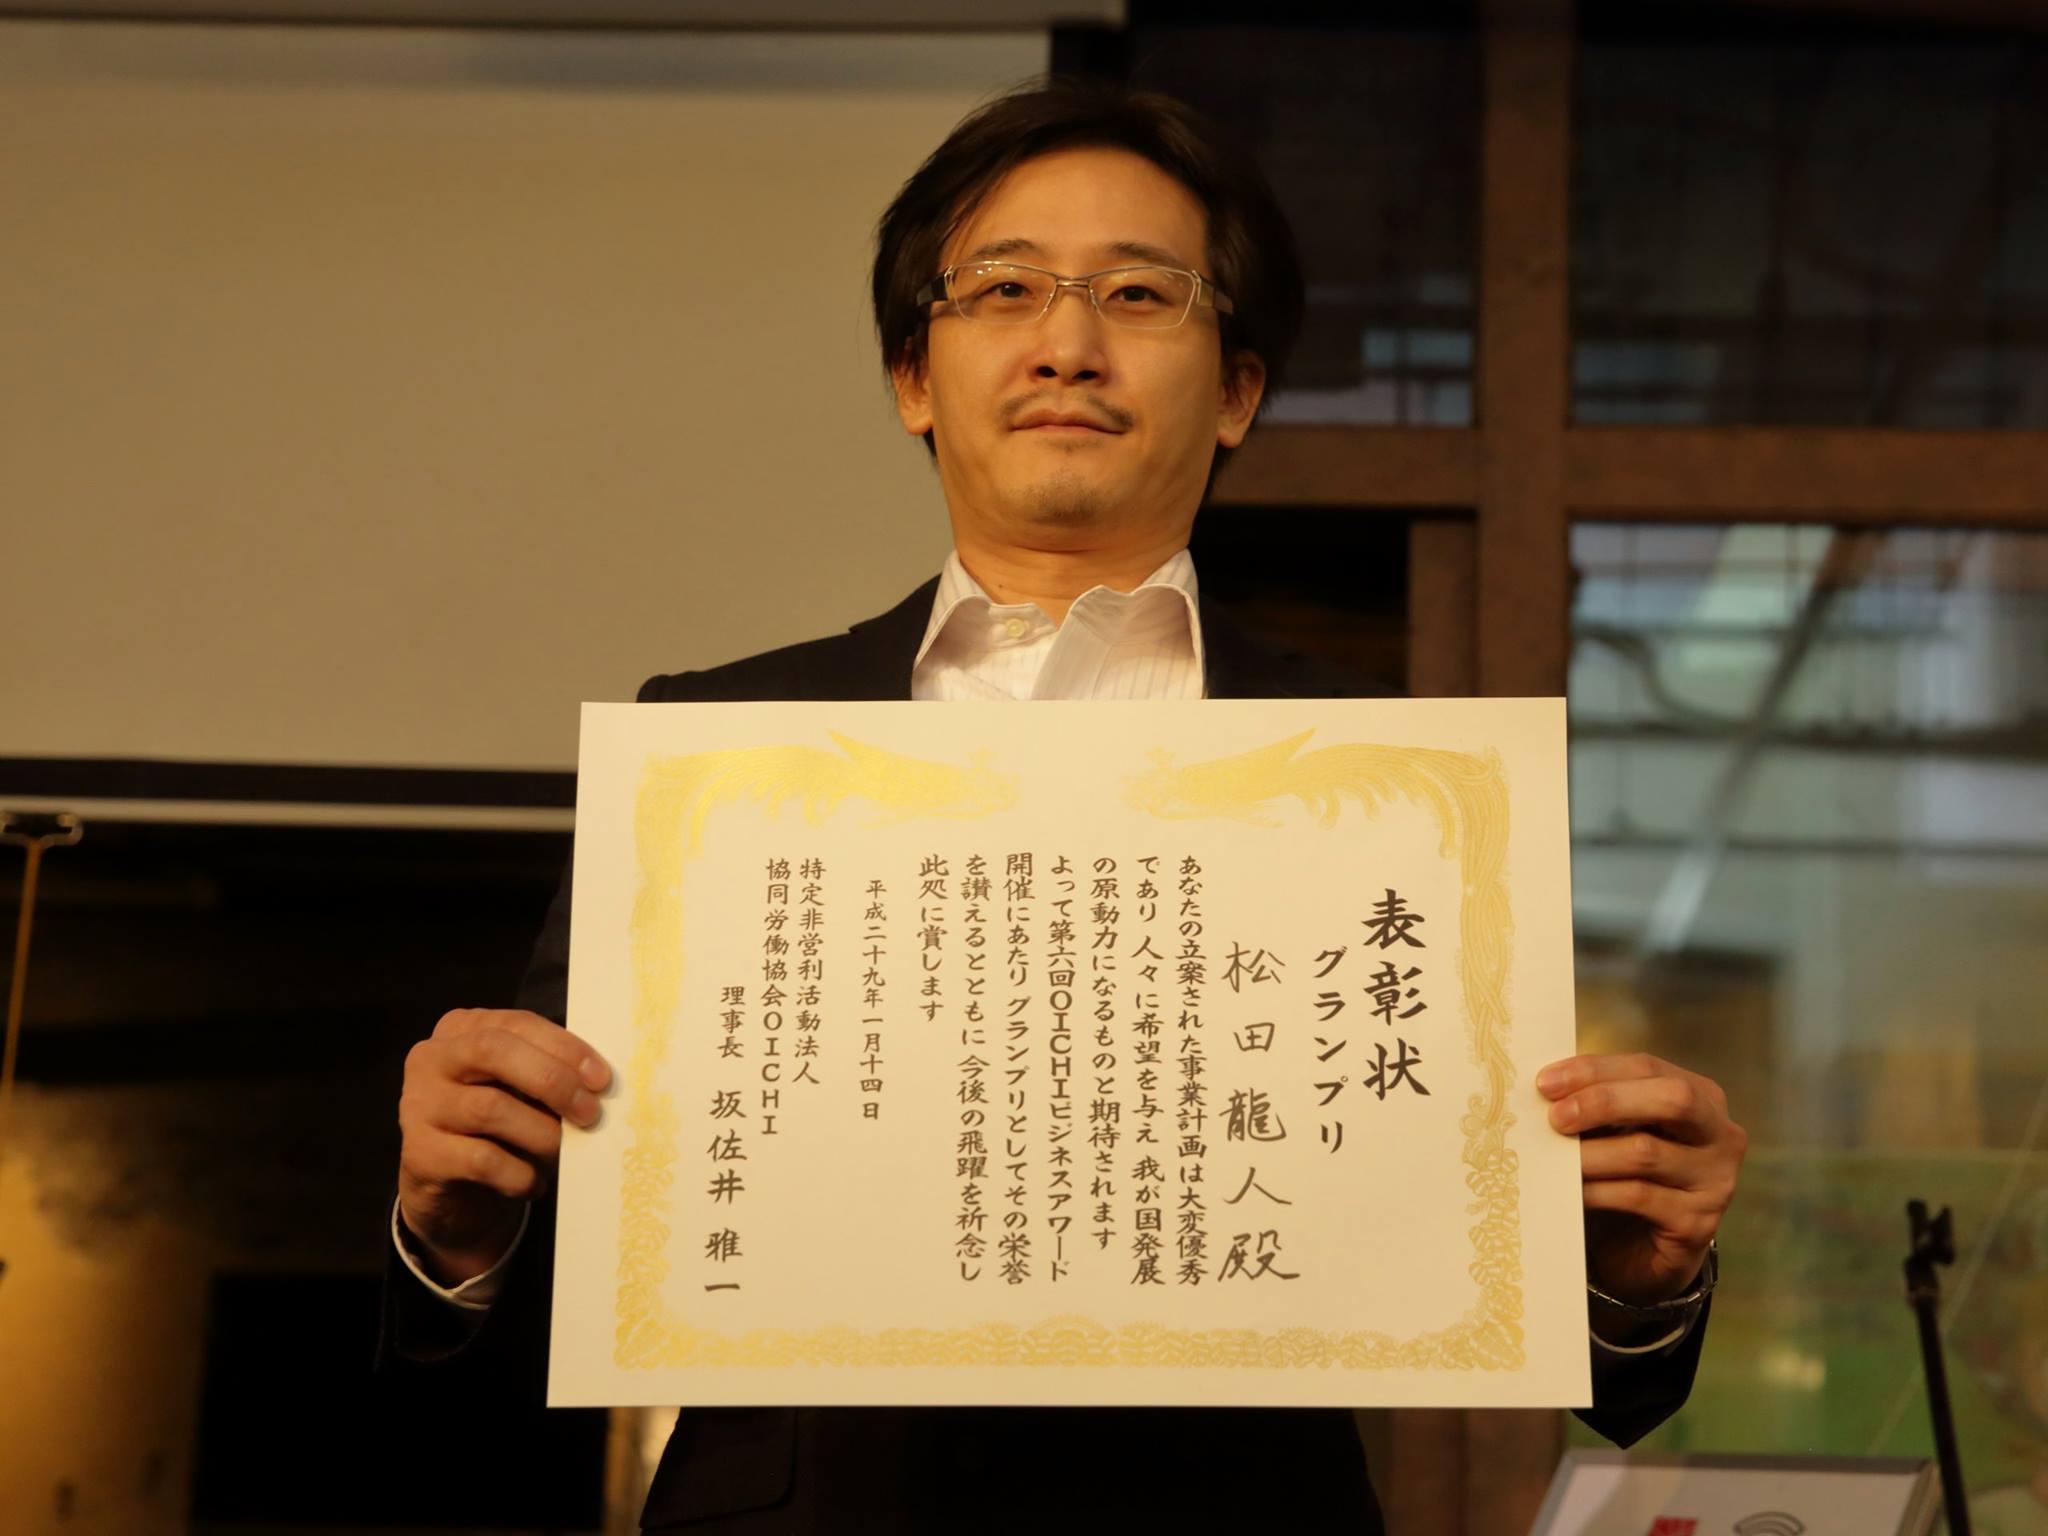 グランプリに輝いた松田龍人さん